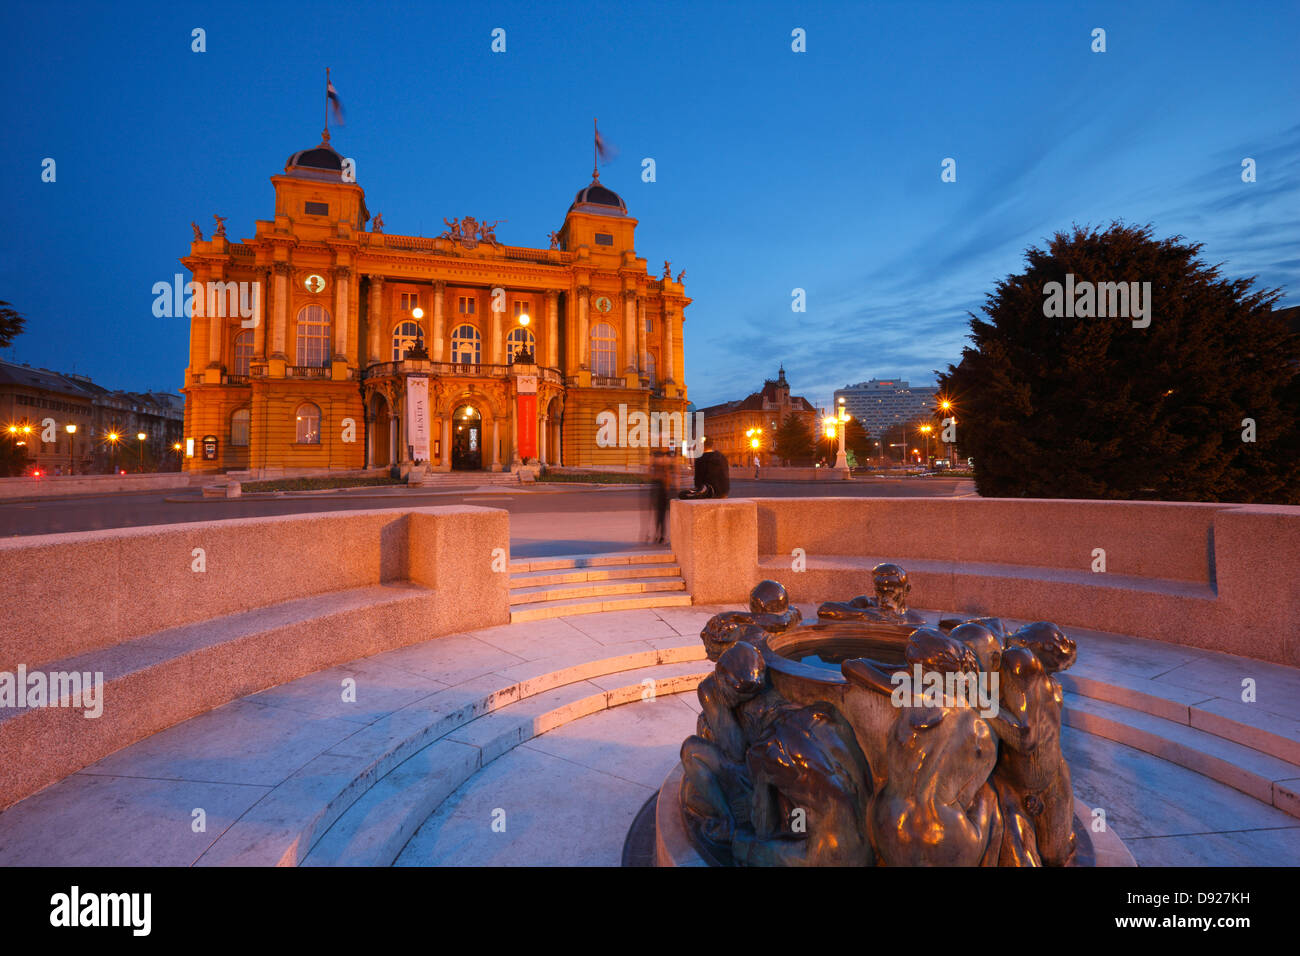 La città di Zagabria - Teatro HNK, scultura, Ivan Mestrovic la scultura fontana della vita Immagini Stock